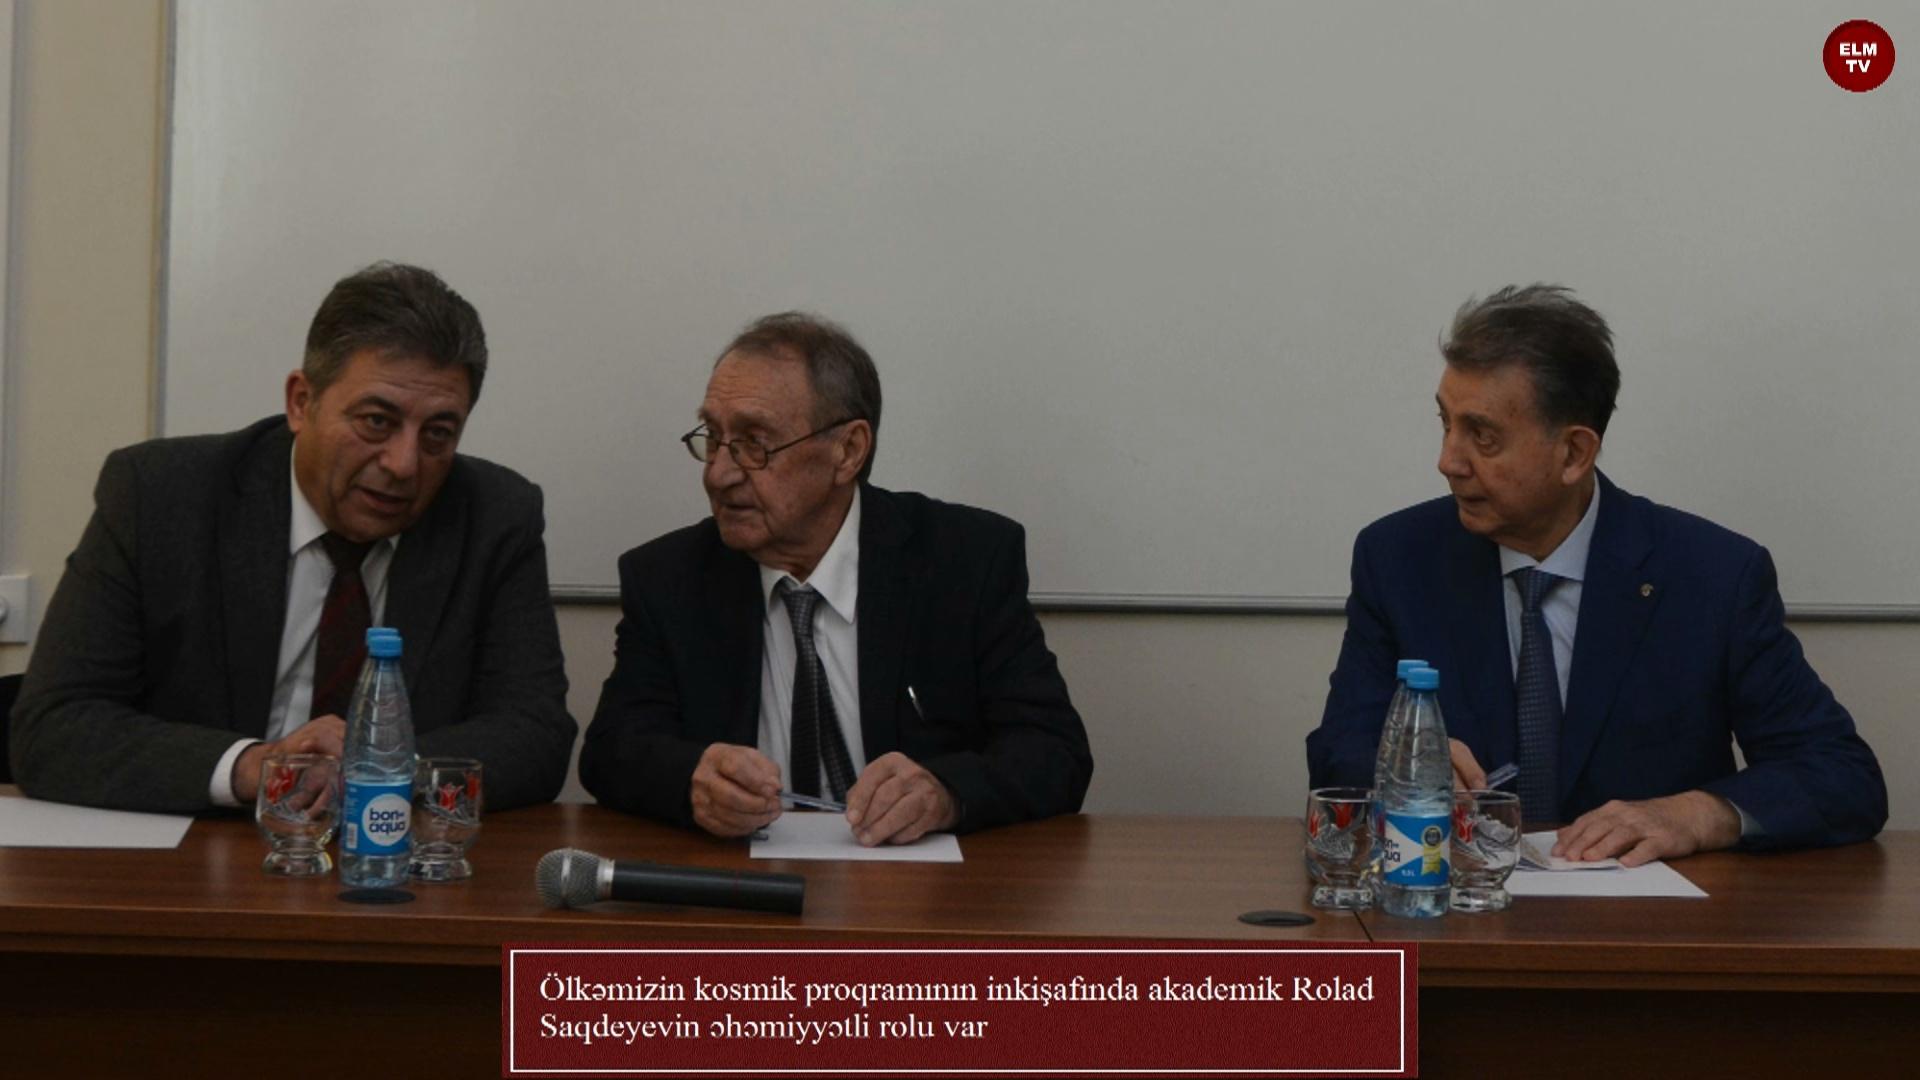 Ölkəmizin kosmik proqramının inkişafında akademik Roald Saqdeyevin əhəmiyyətli rolu var